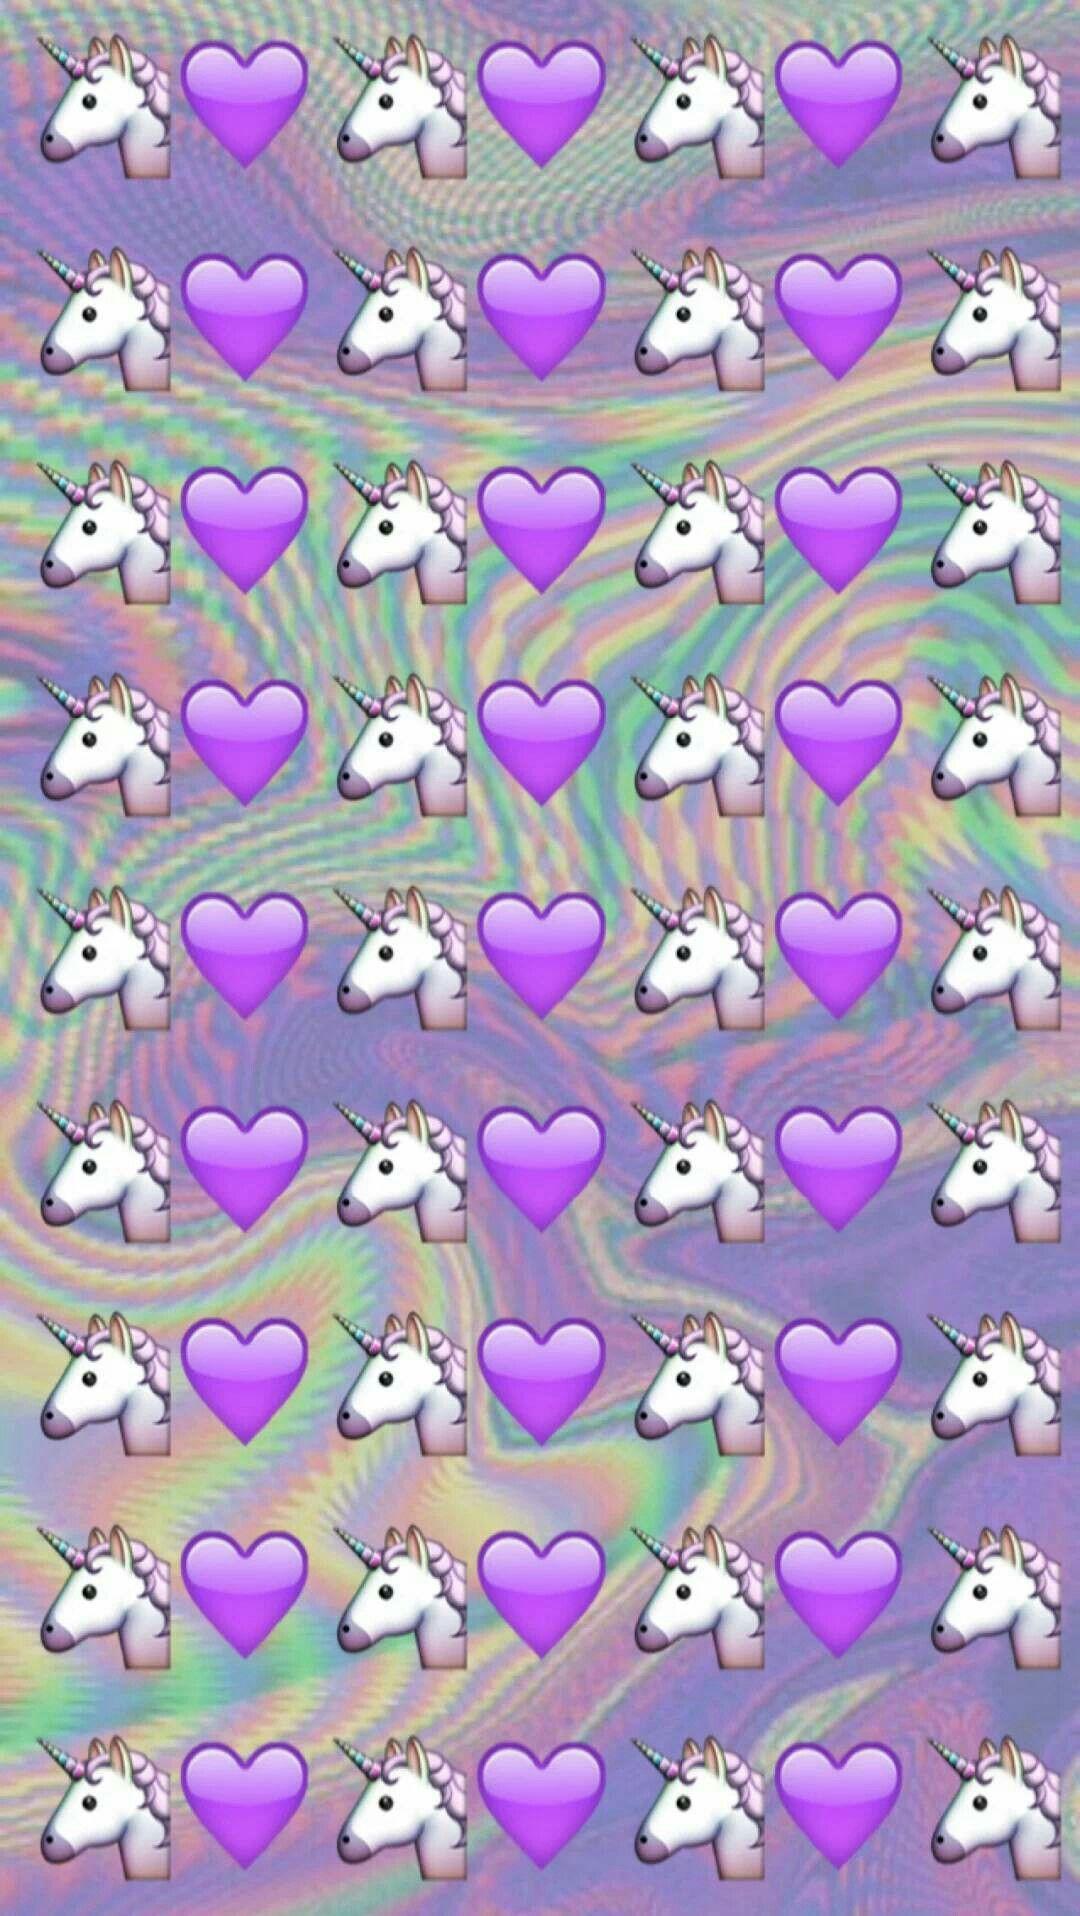 Pinterest Pelin Caliskan Unicorn Wallpaper Unicorn Emoji Wallpapers Cute Emoji Wallpaper